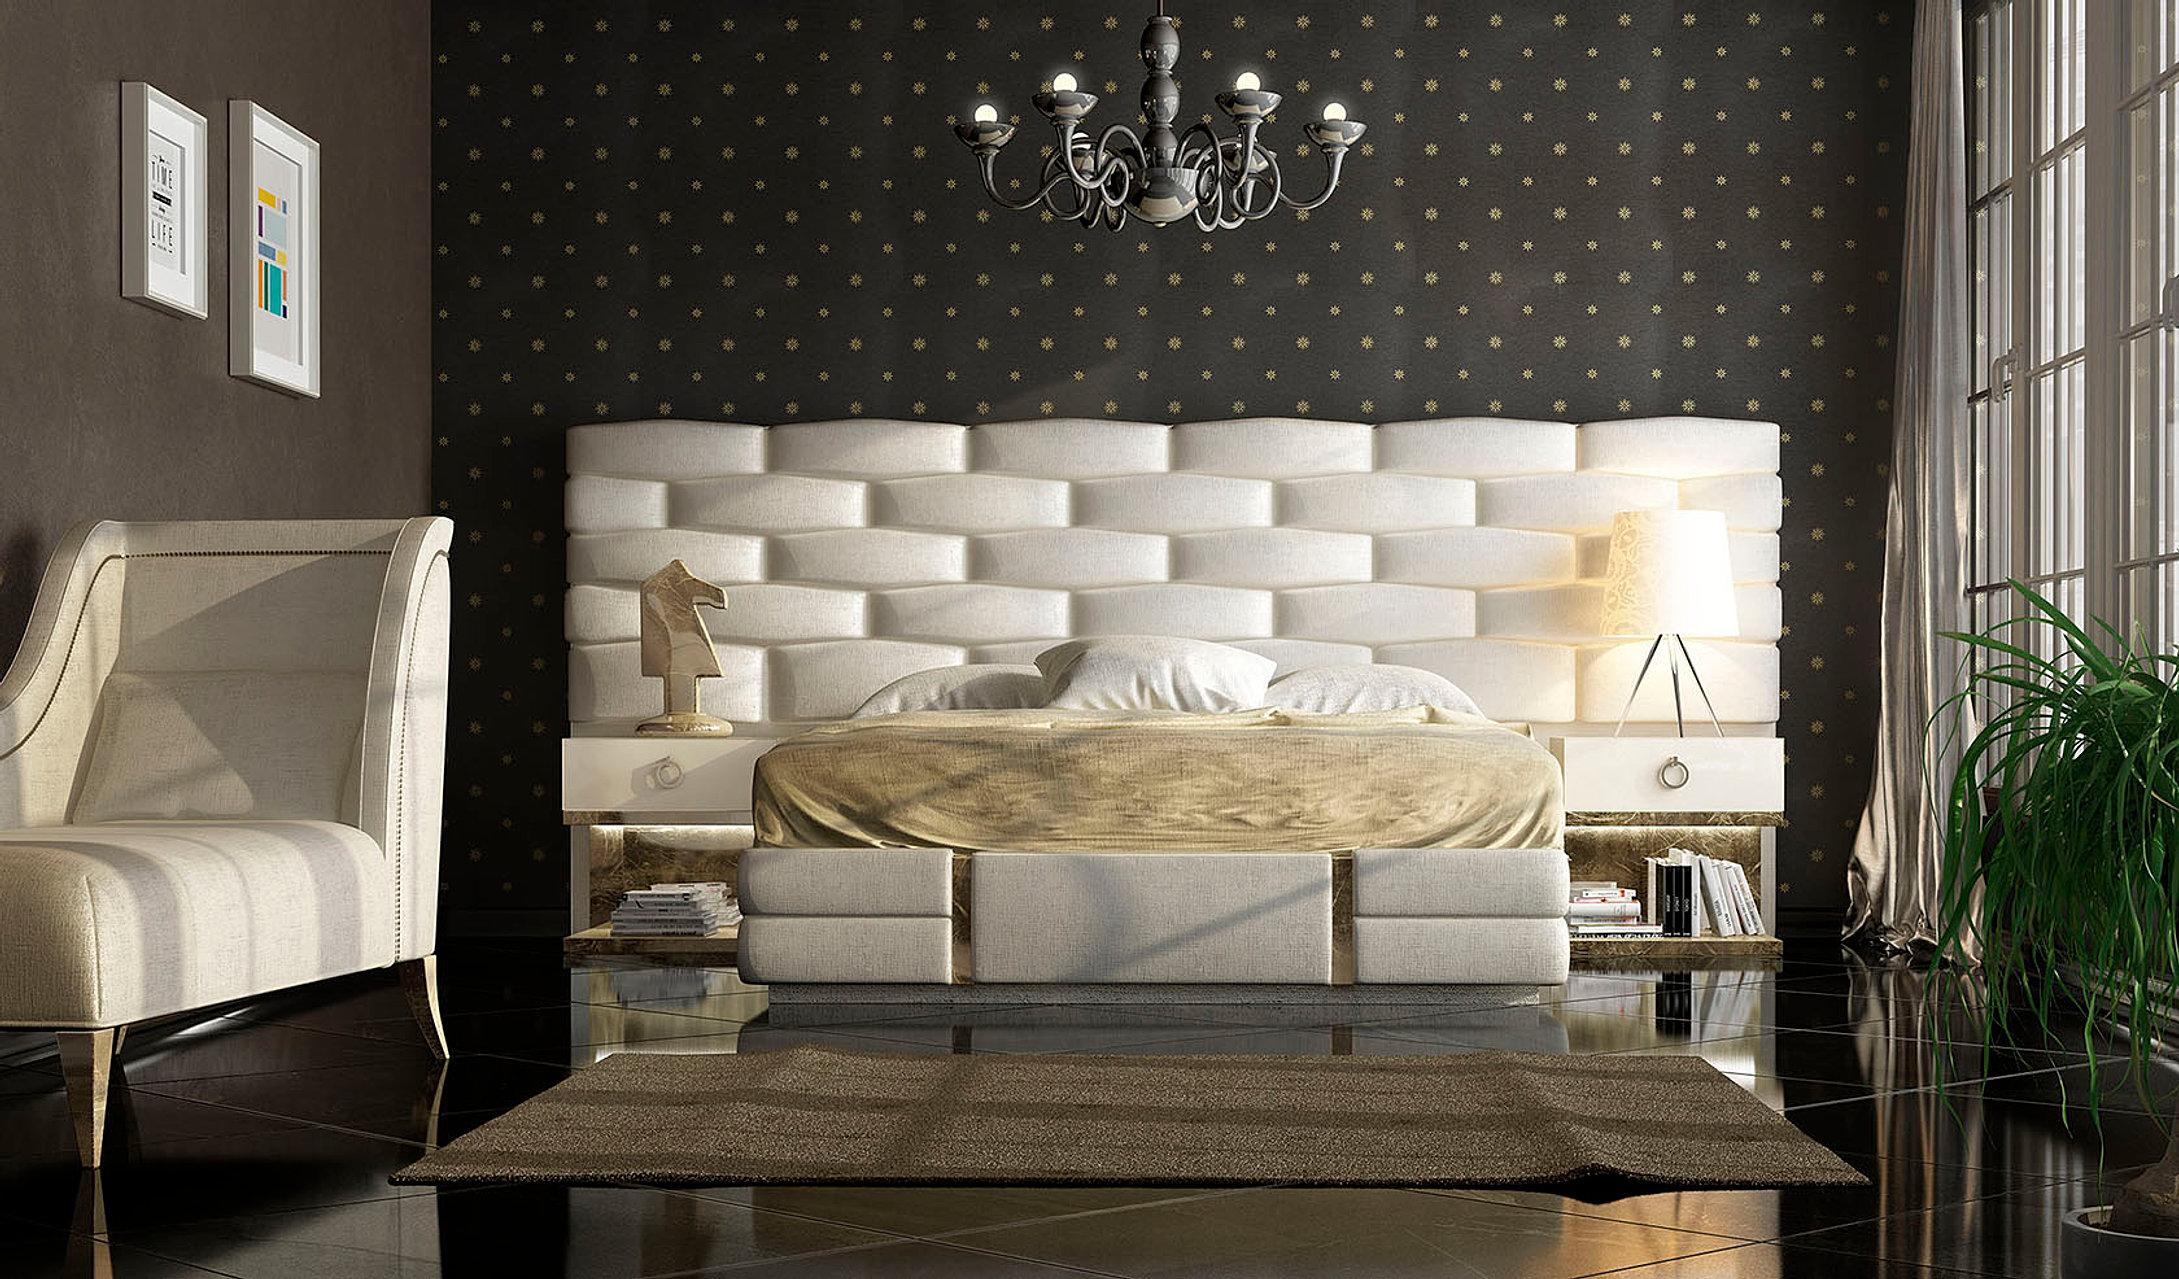 Dormitorios contempor neos muebles monen madrid for Muebles intermobel